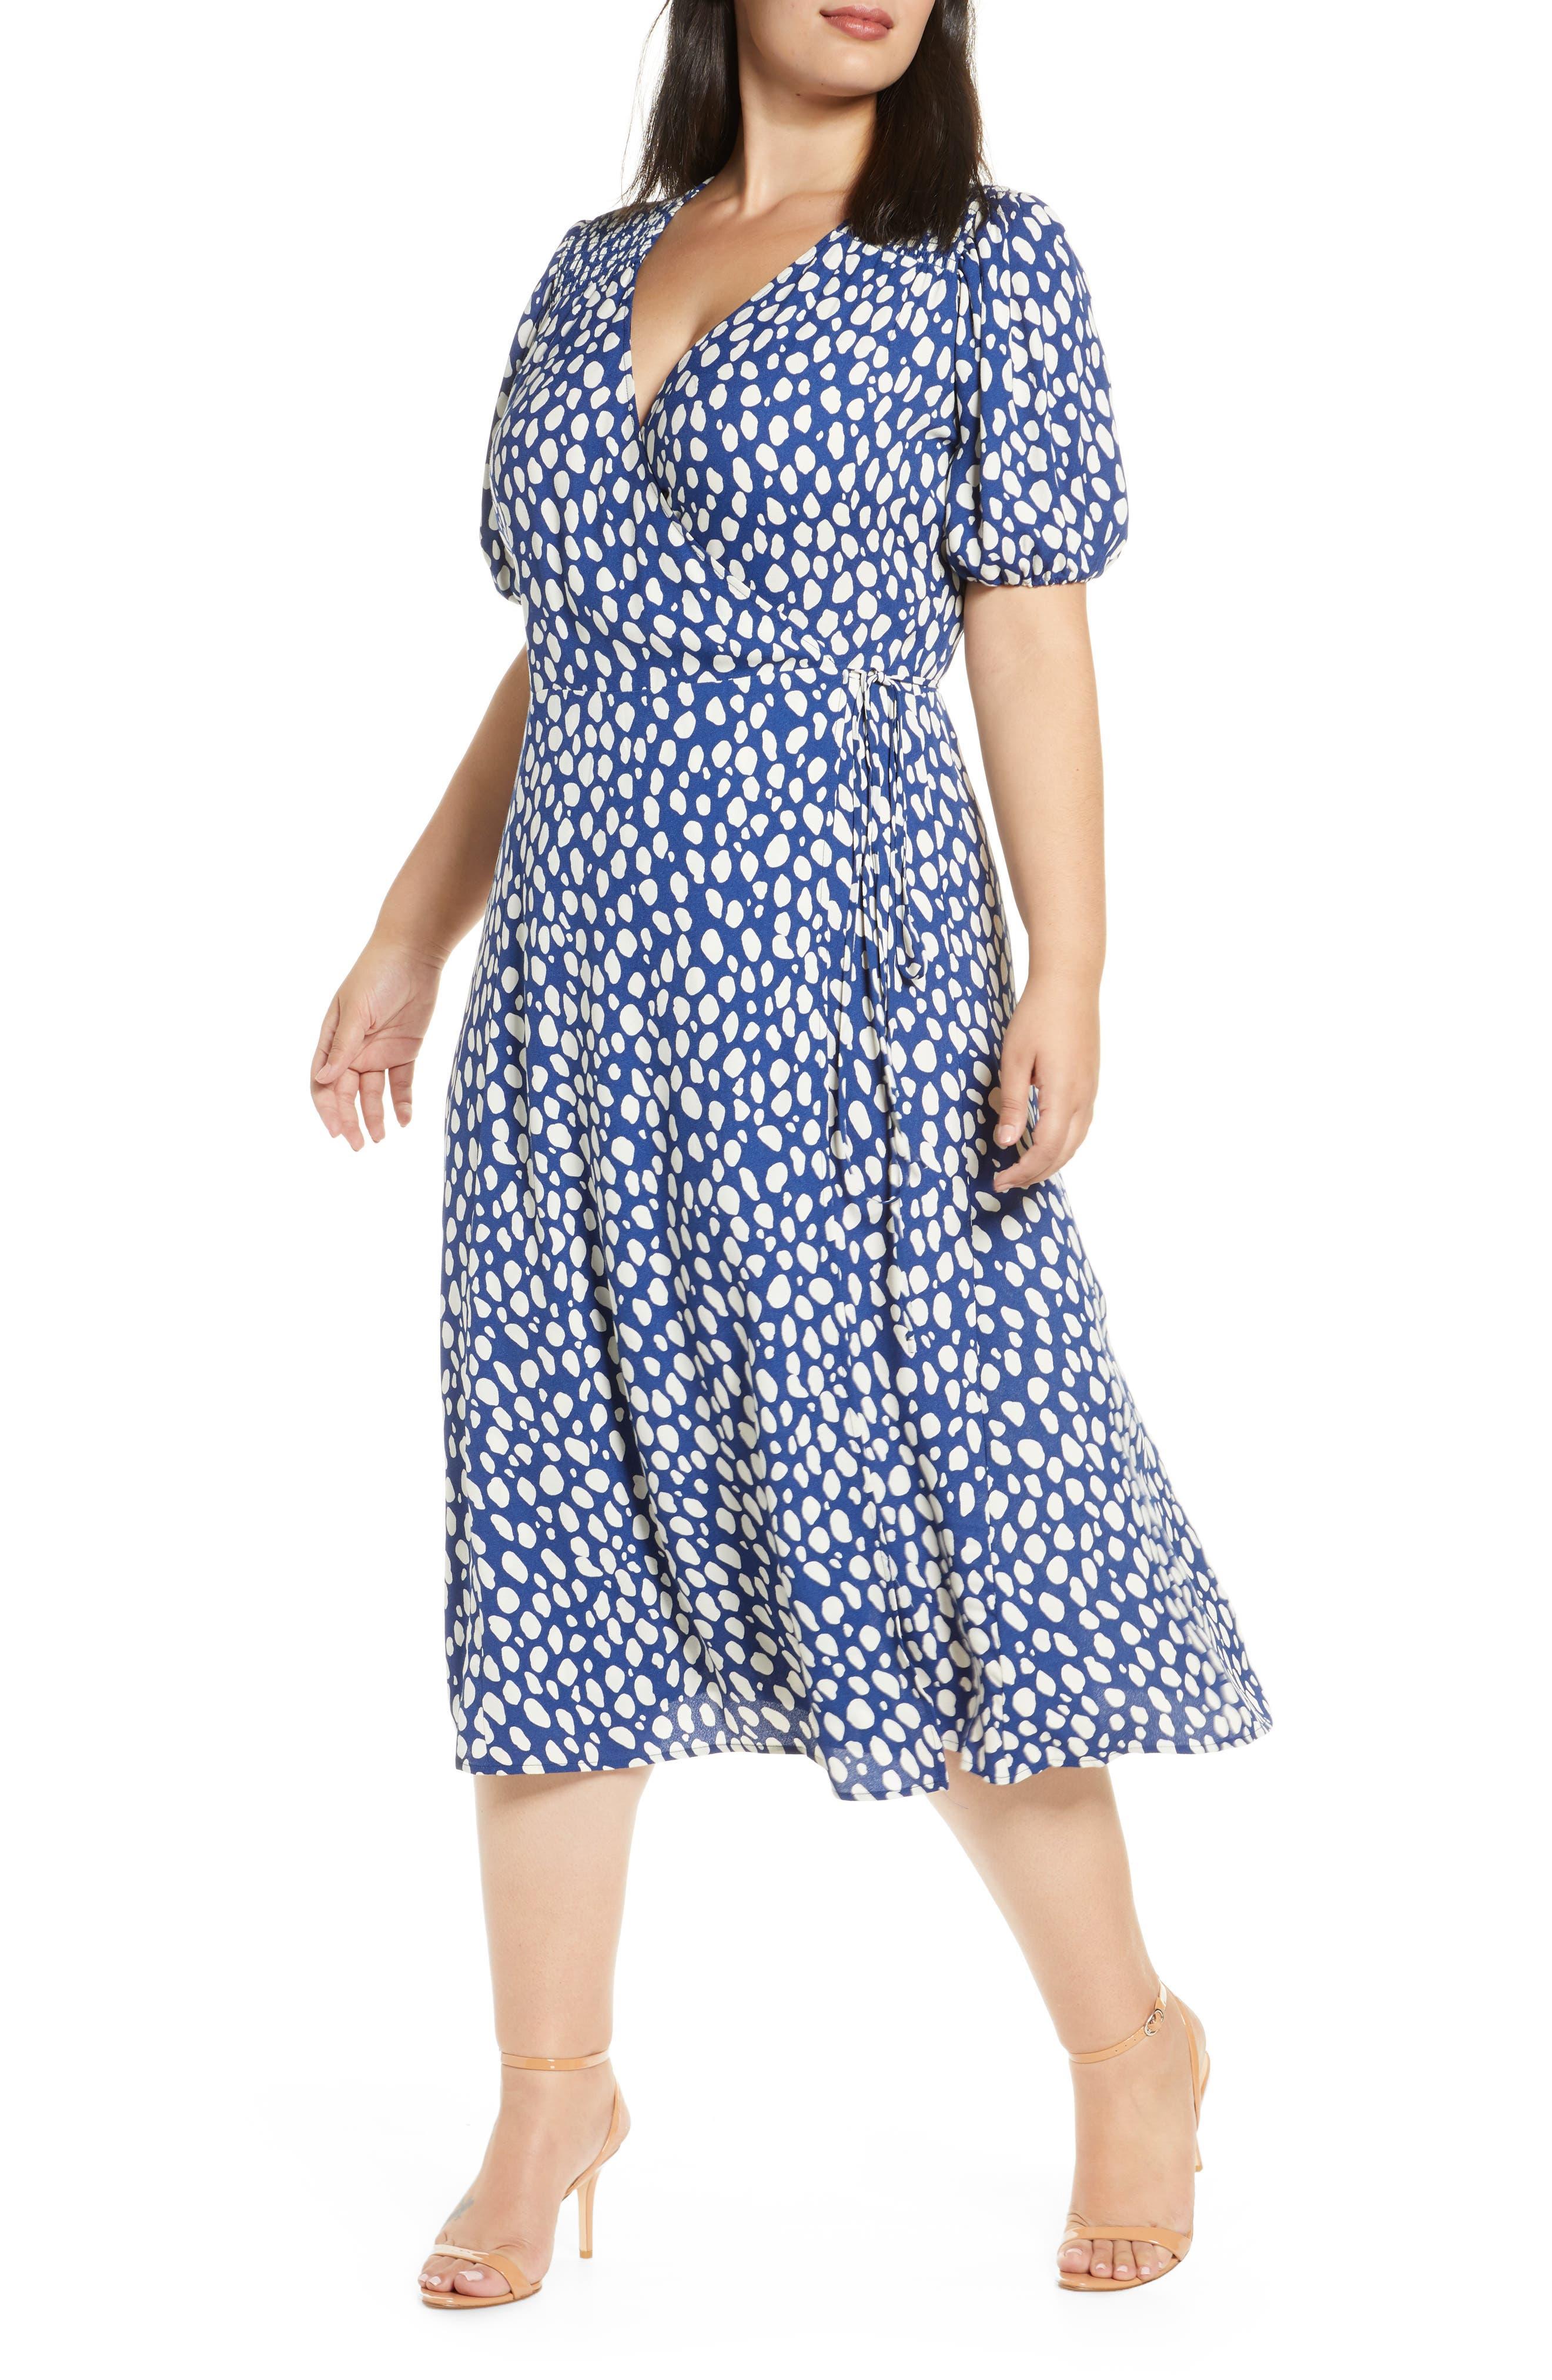 1930s Art Deco Plus Size Dresses | Tea Dresses, Party Dresses Plus Size Womens Reformation Augustina Midi Wrap Dress $218.00 AT vintagedancer.com